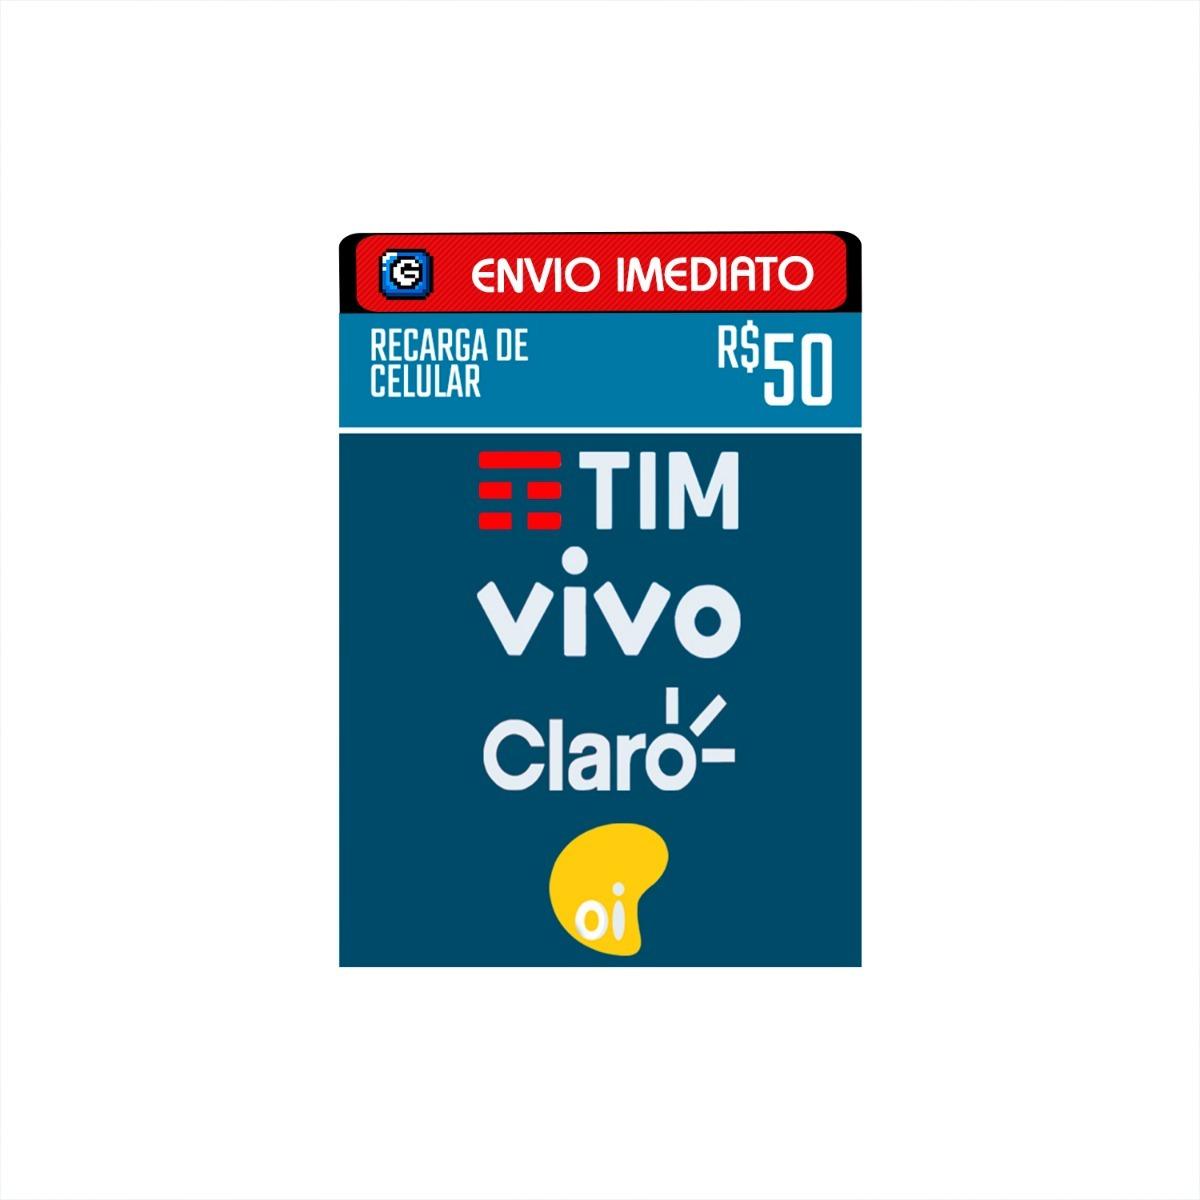 332578e2da2 Recarga Celular Crédito Online Tim Claro Vivo Oi R$ 50,00 - R$ 60,49 ...